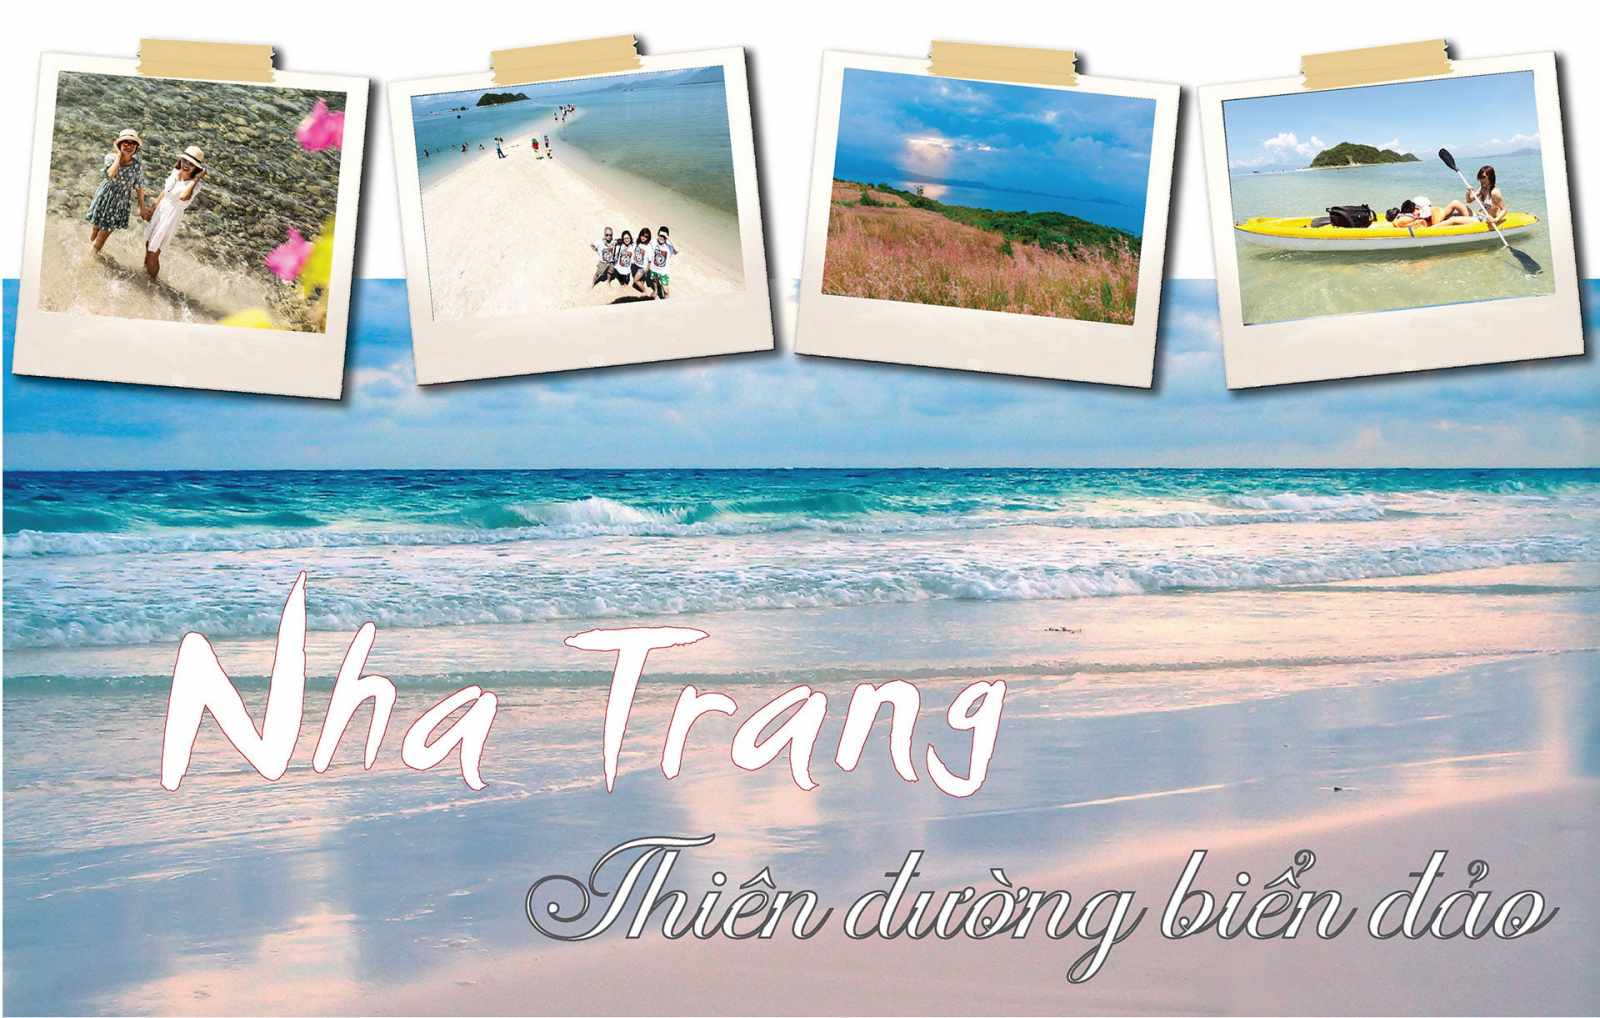 Tour Nha Trang - Du lịch Nha Trang khám phá thiên đường biển đảo tháng 3 - 9